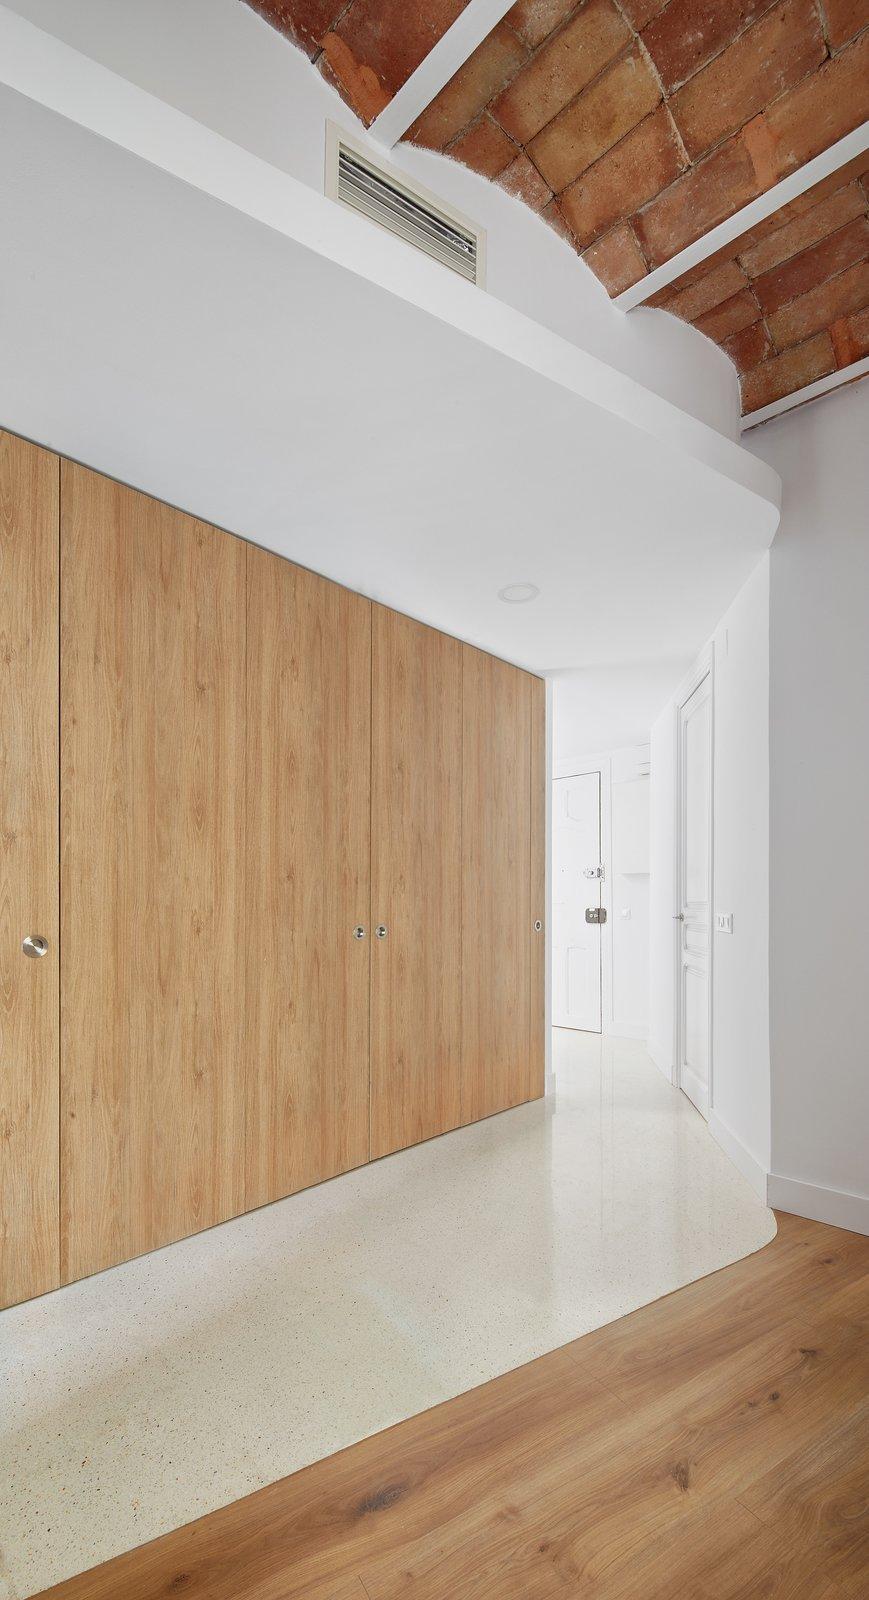 Ciutadella by Allaround Lab